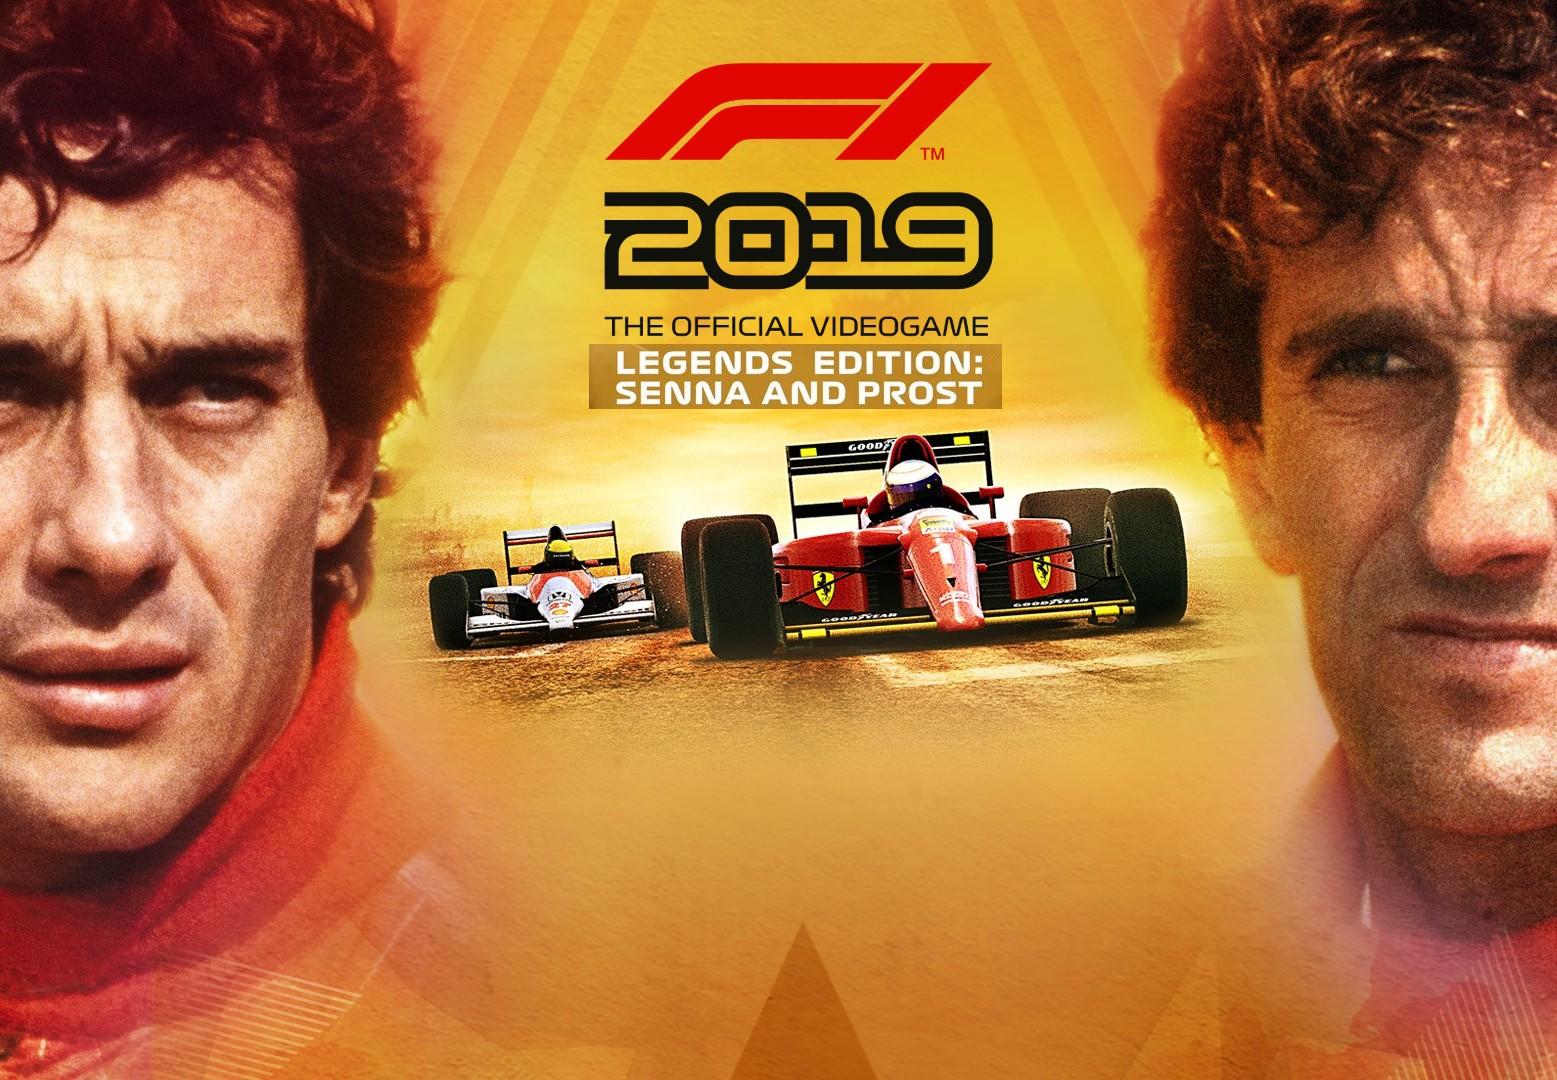 http://www.kinguin.net/ - F1 2019 Legends Edition EU XBOX One CD Key